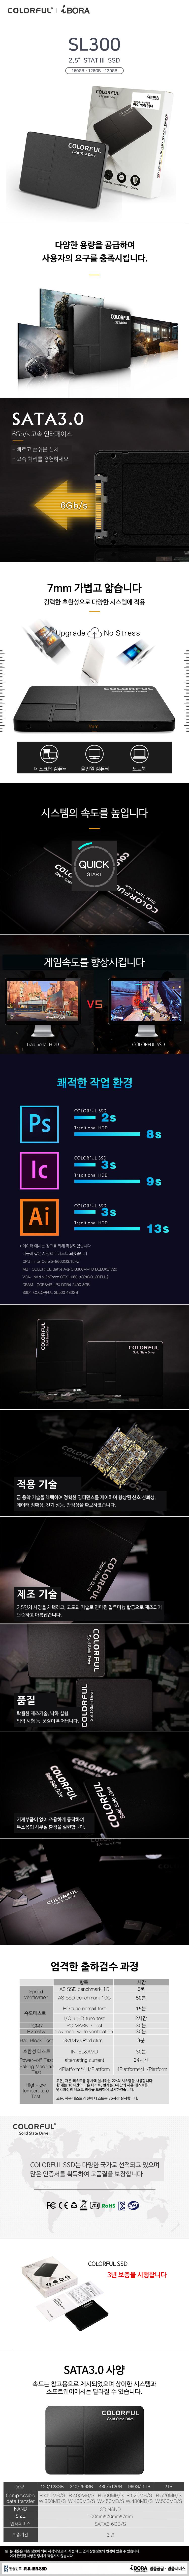 COLORFUL SL300 아이보라 (120GB)